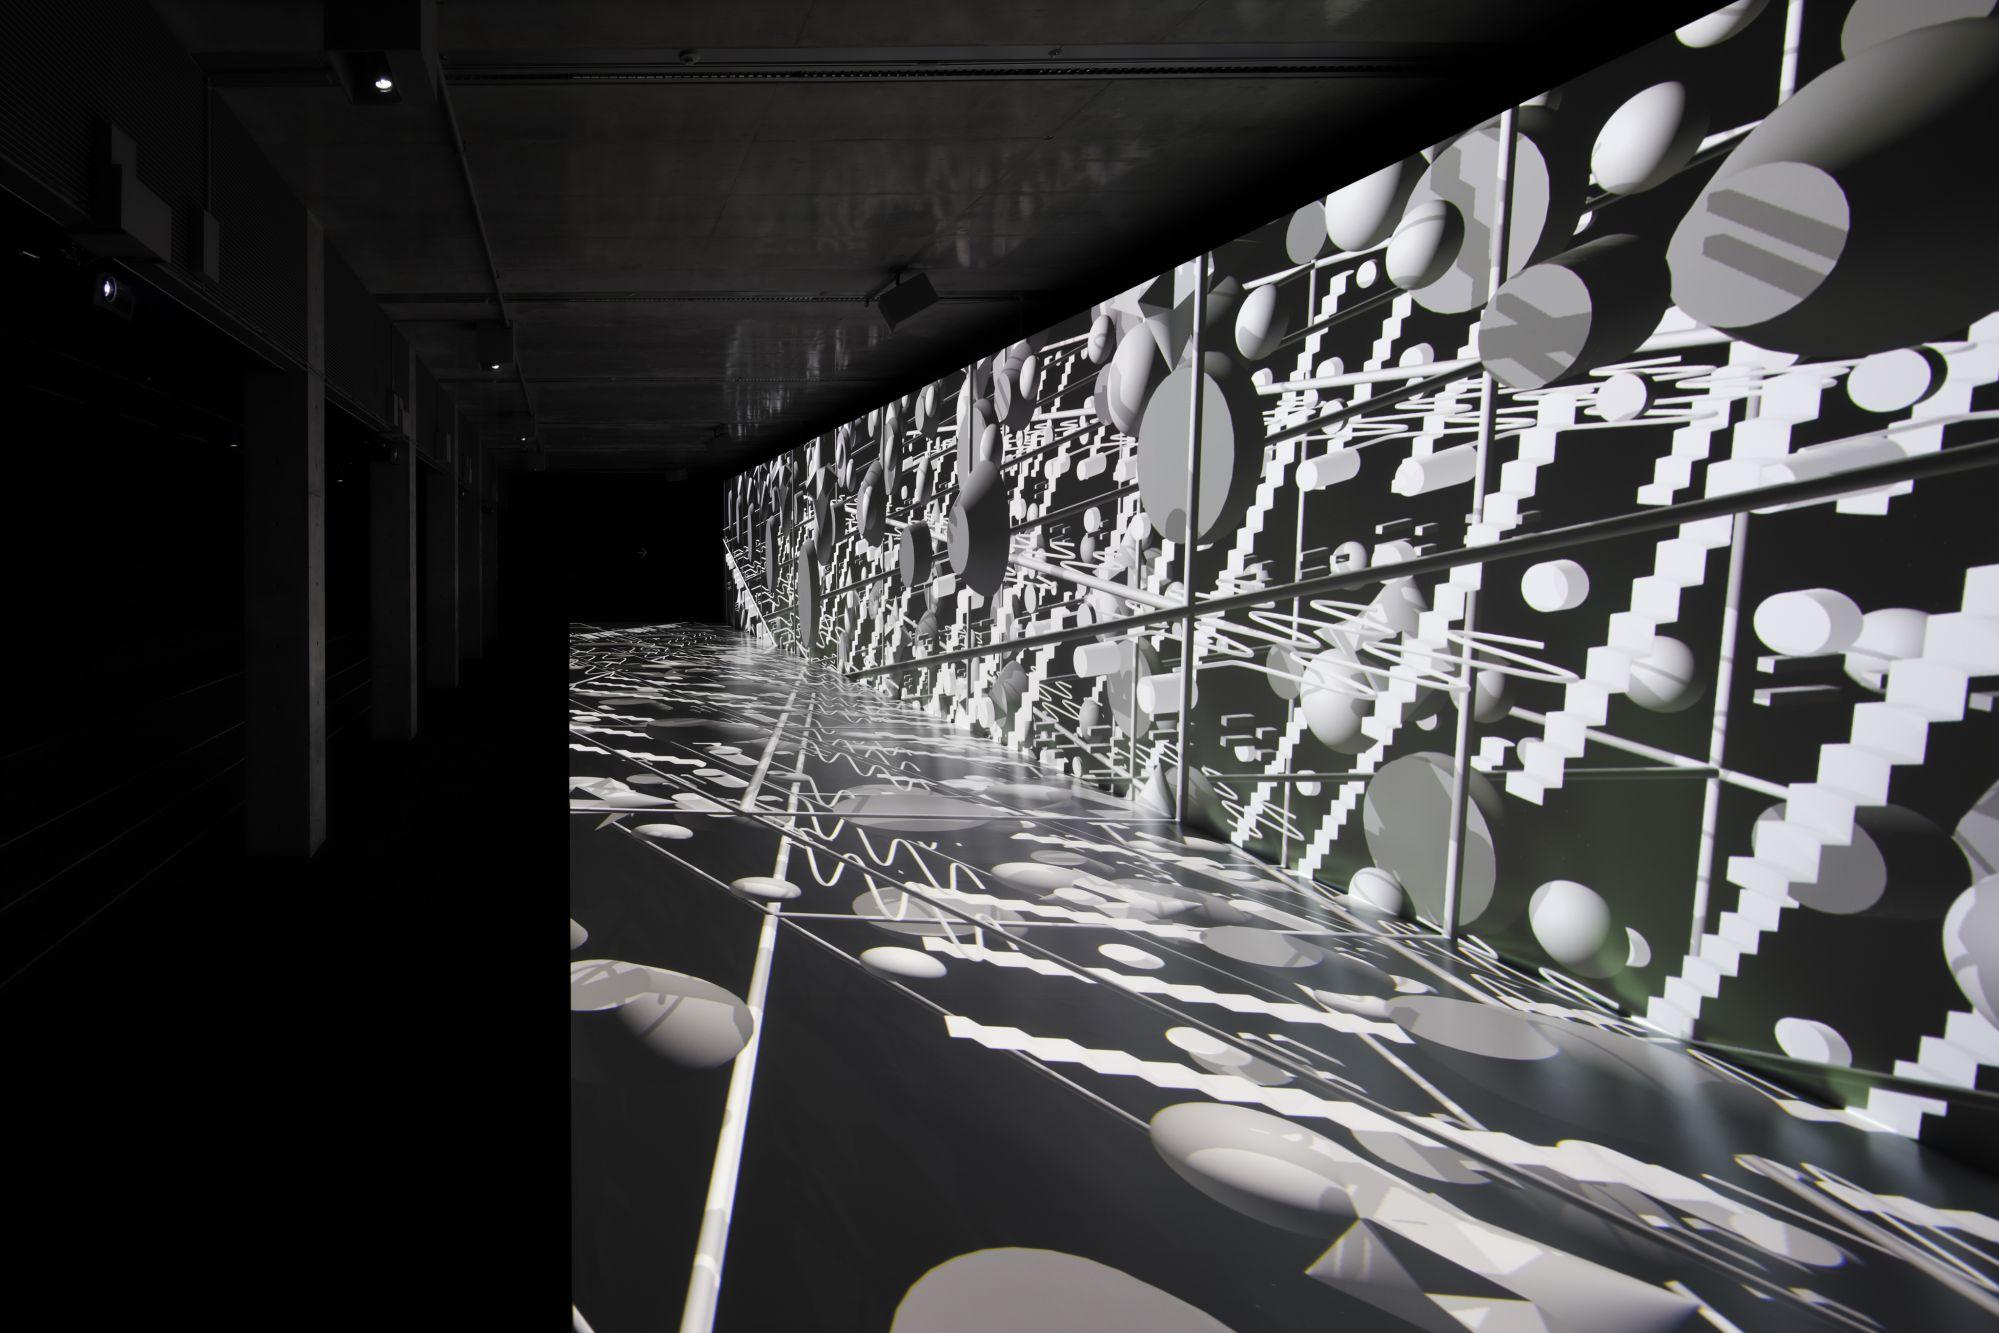 25公尺寬巨幅投影 「聲音的建築展」終於來了!由日本互動設計大師與澀谷系音樂人聯手操刀 帶來前所未有的沉浸式體驗